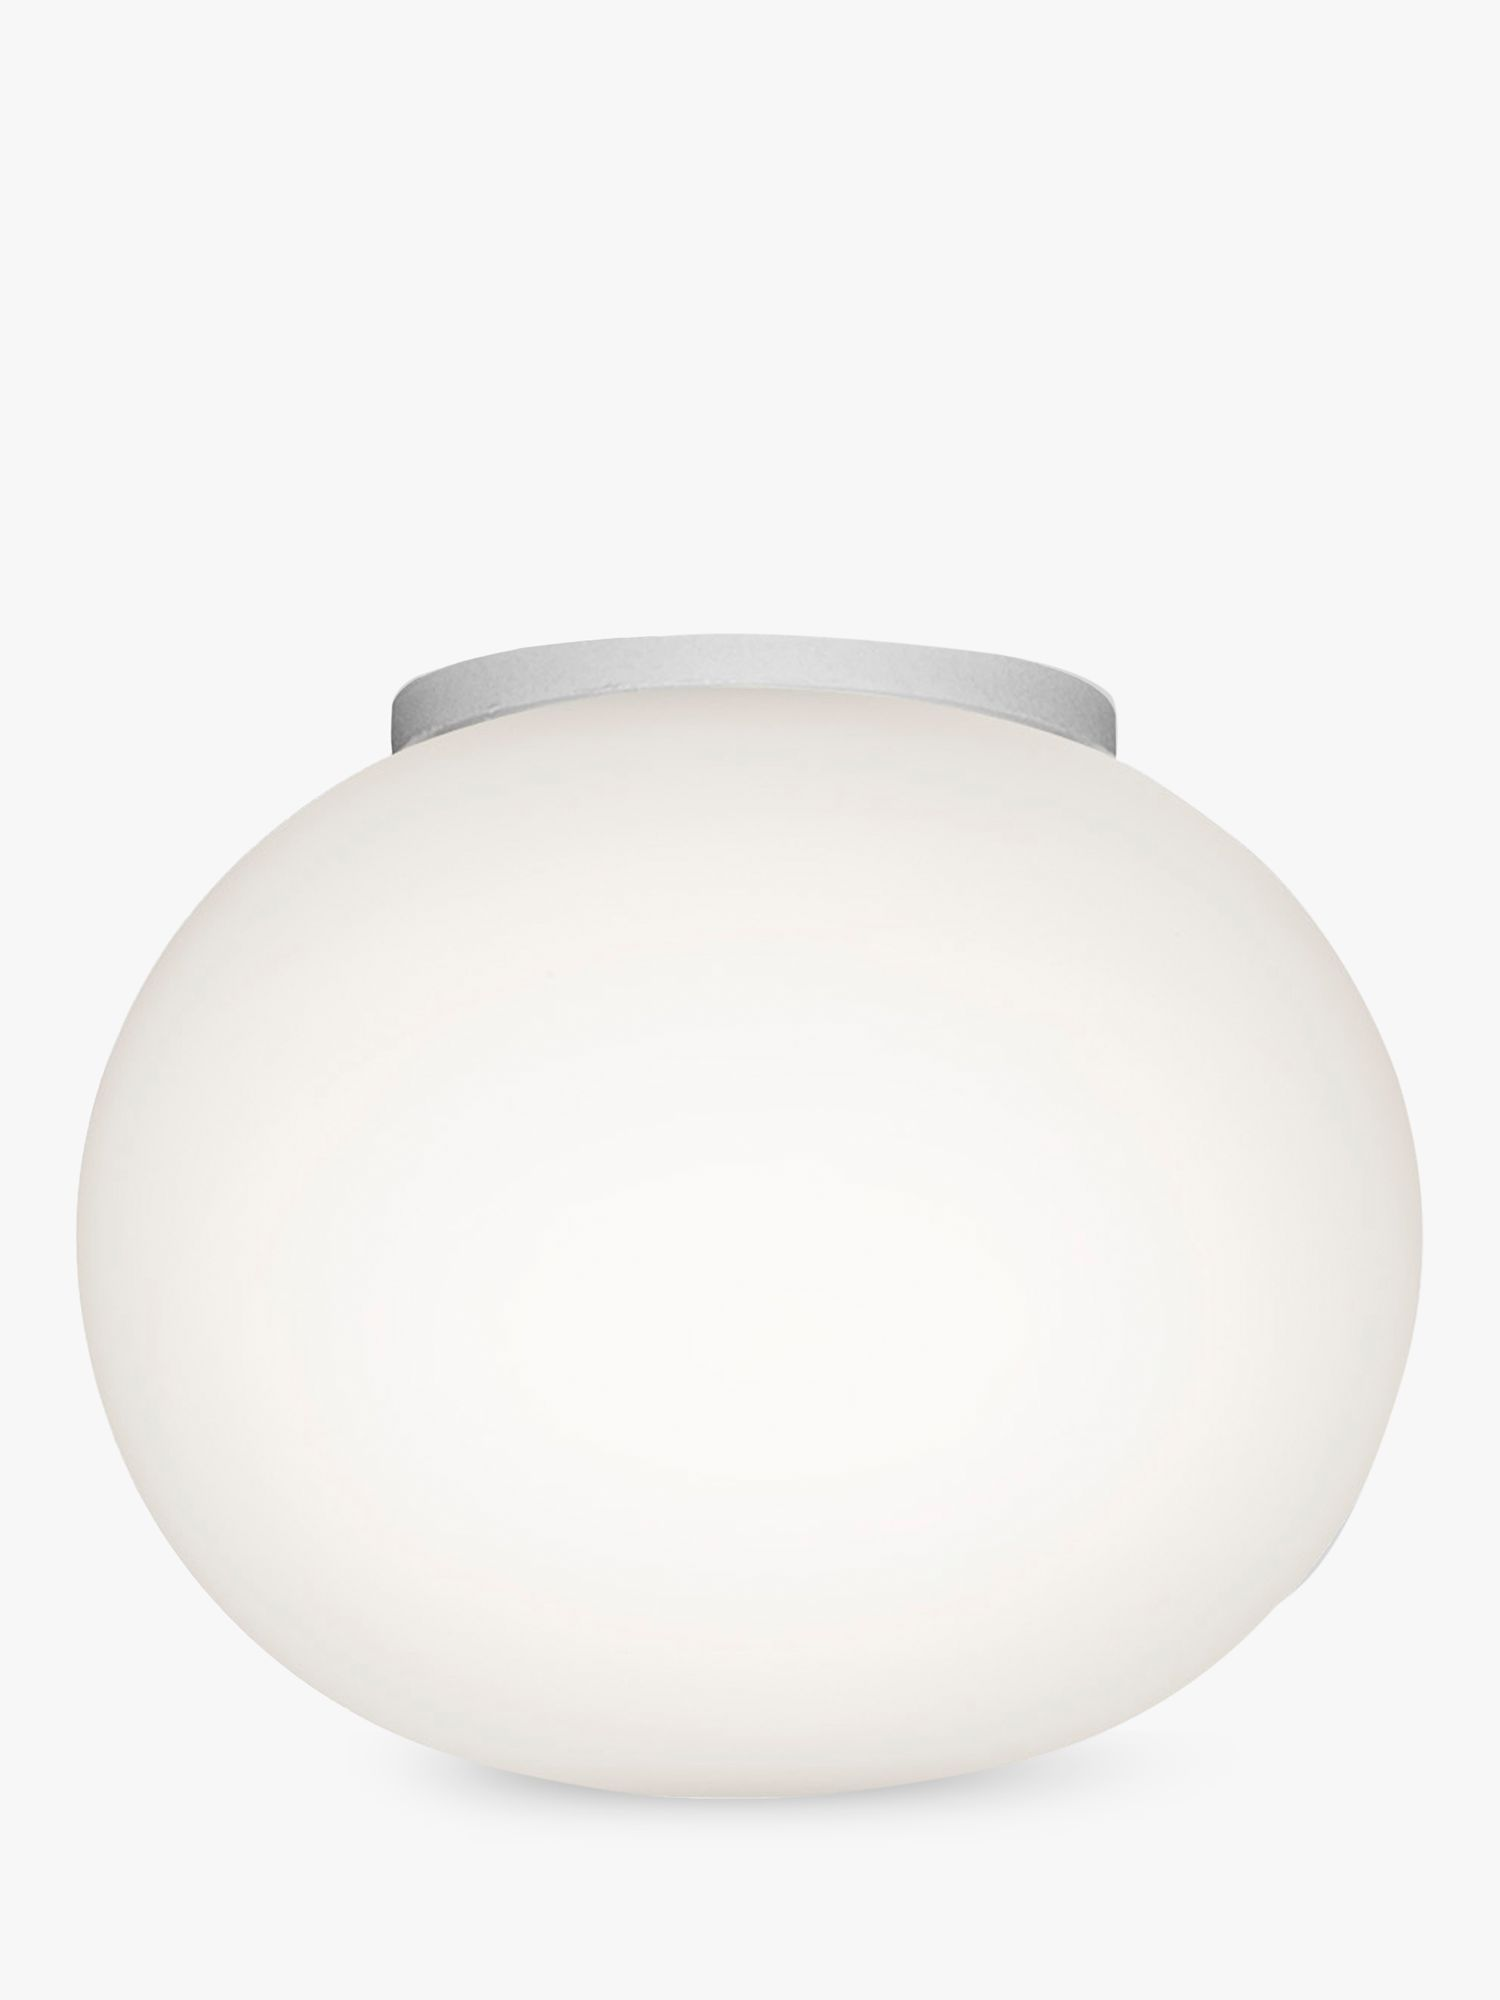 Flos Flos Glo-Ball Mini C/W Light, White